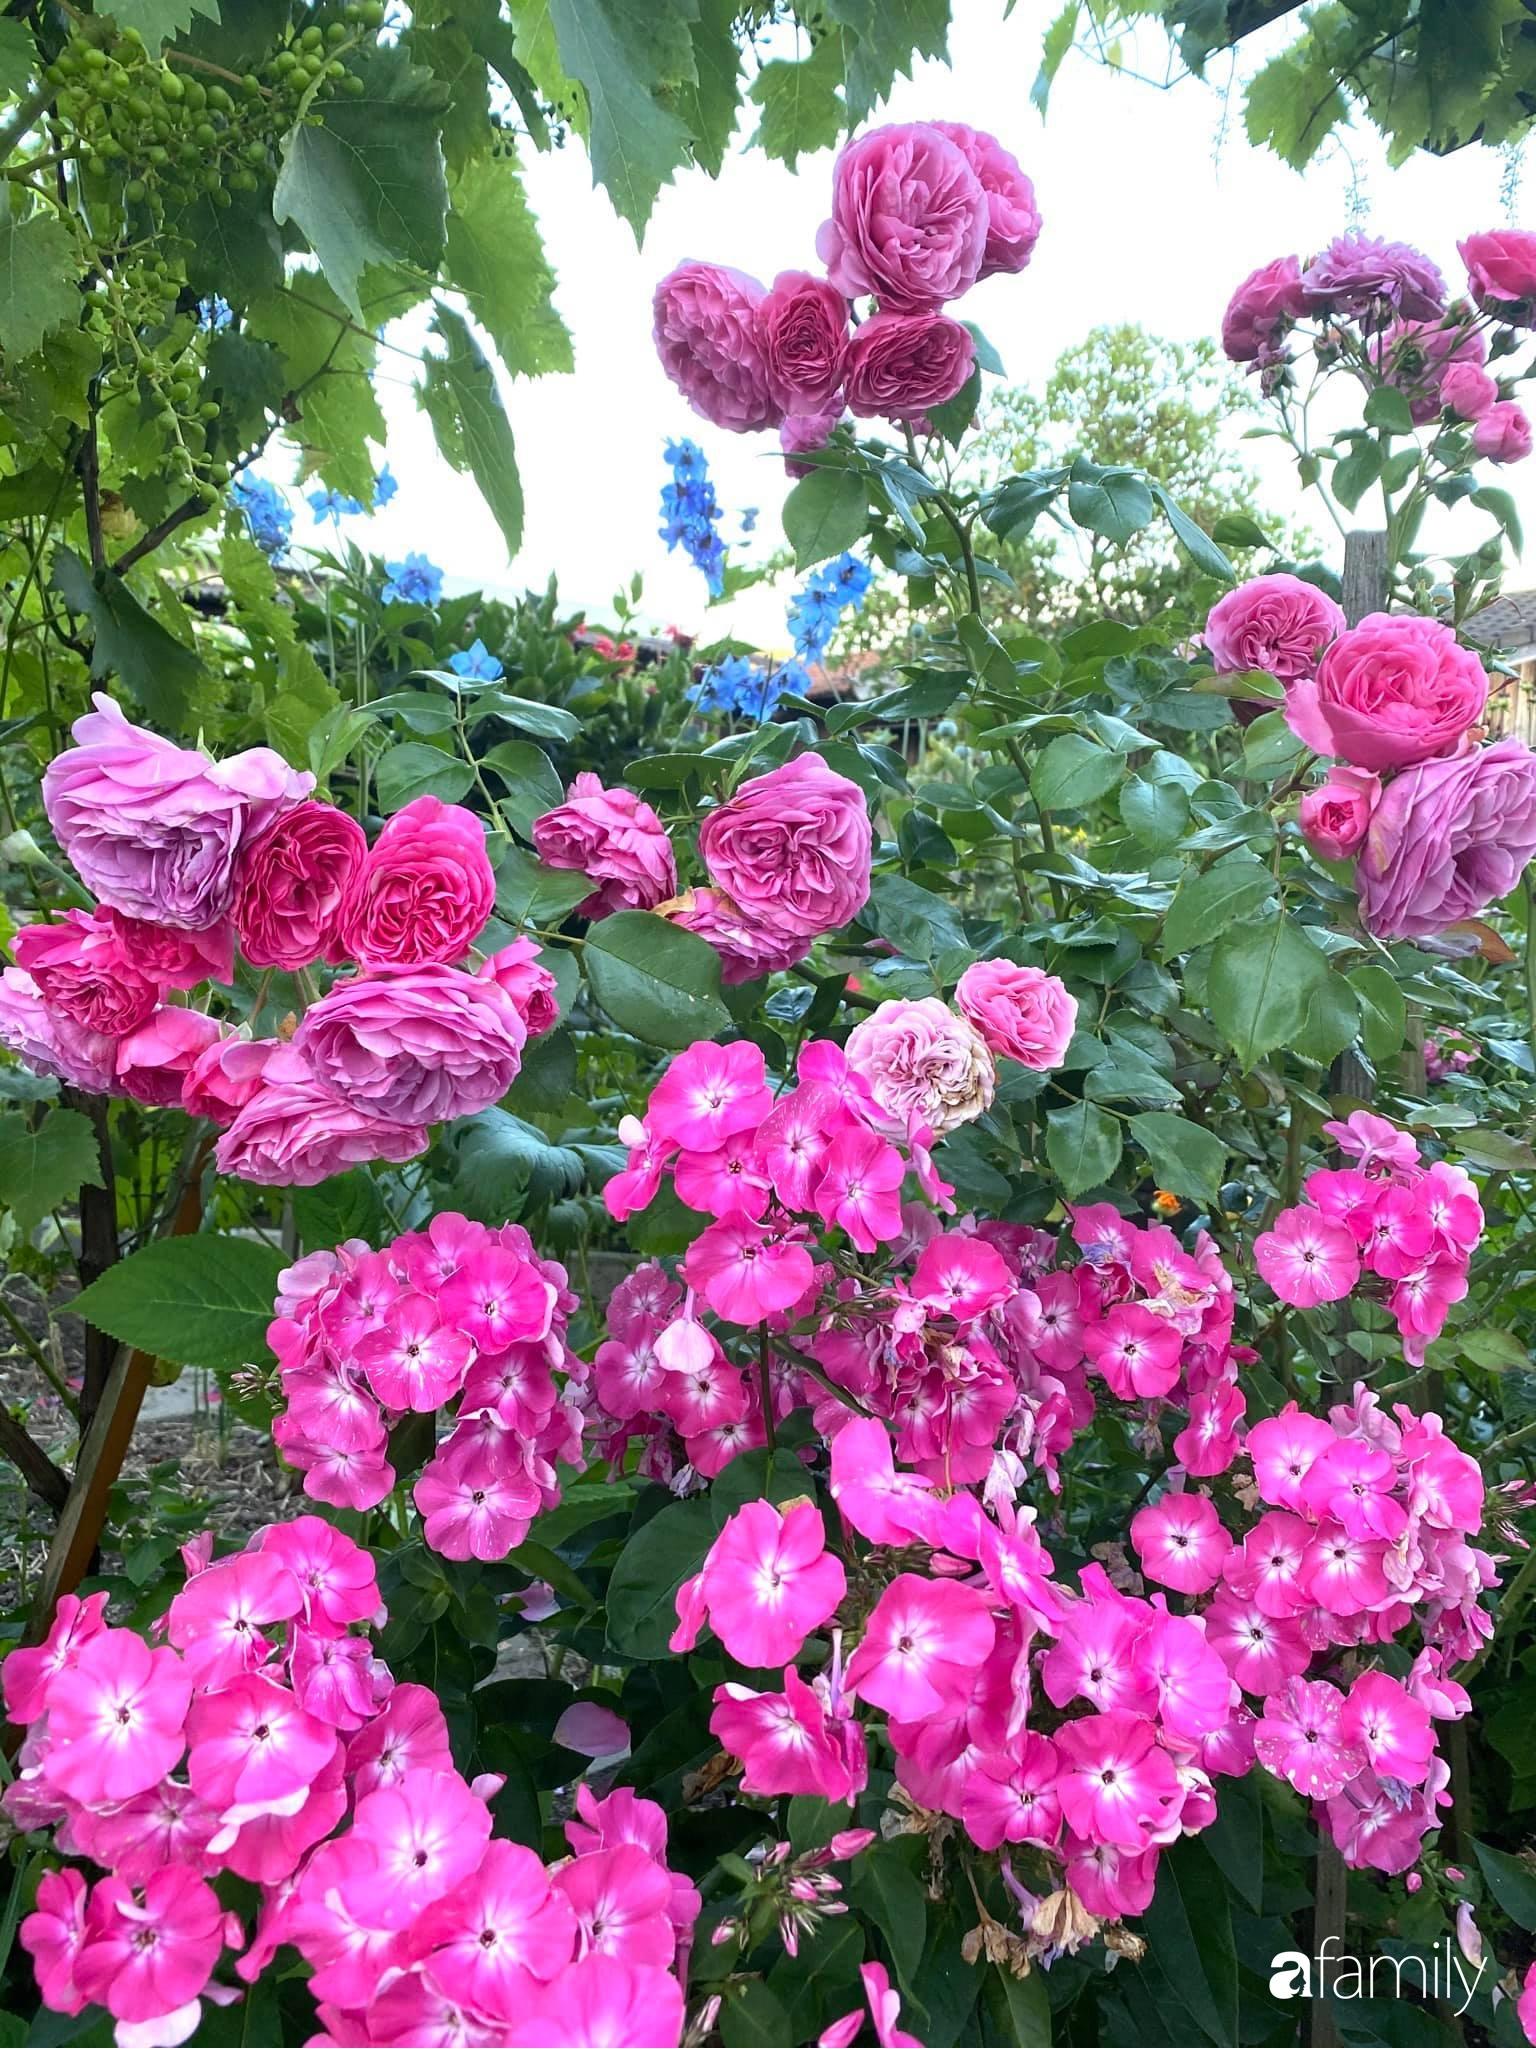 Khu vườn 200m² quanh năm xanh tươi với đủ loại rau quả sạch của mẹ Việt ở Đức - Ảnh 22.